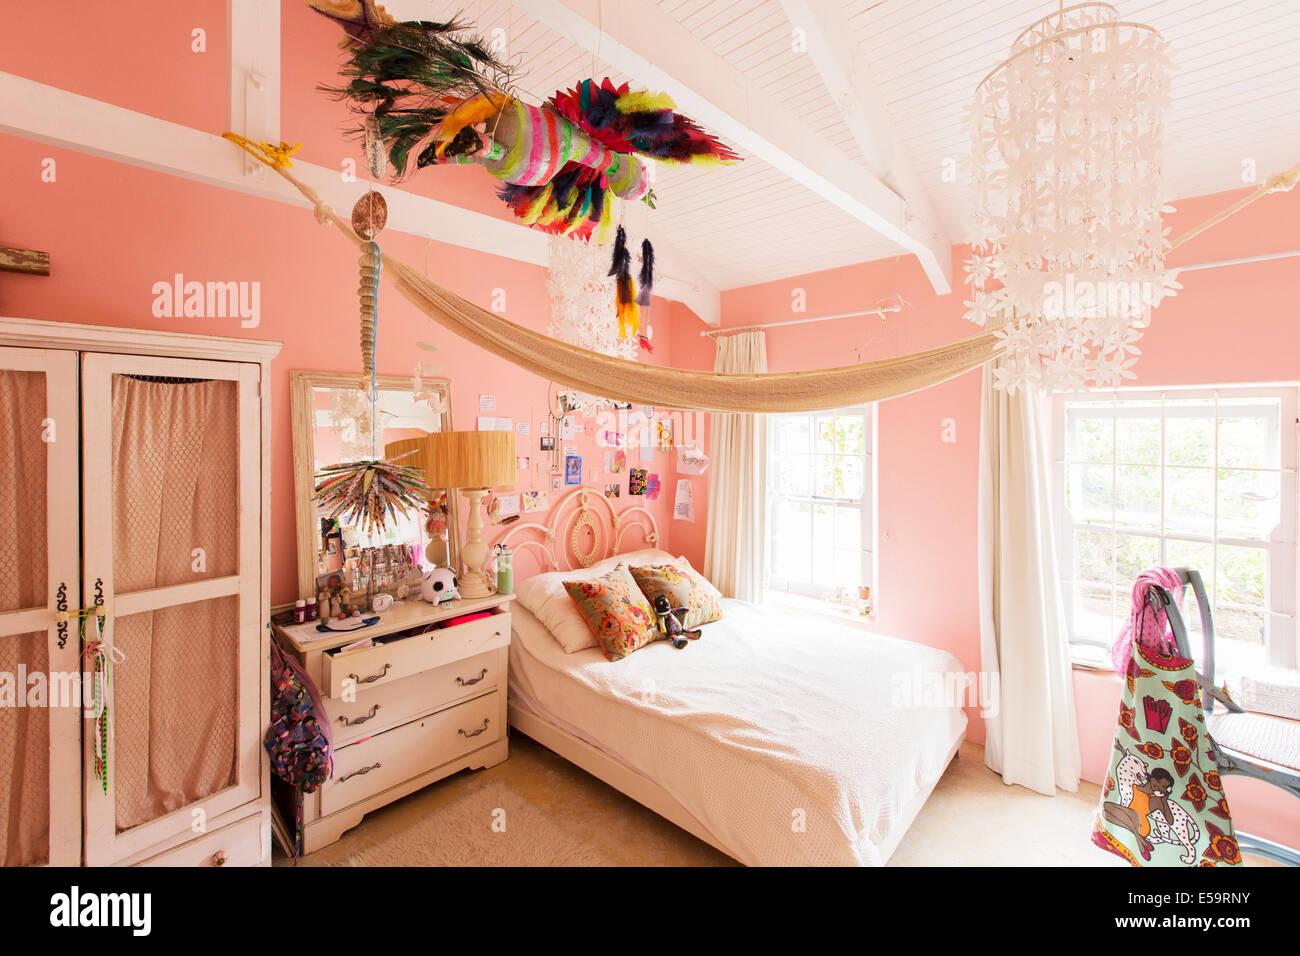 Decorative immagini decorative fotos stock alamy - Decorazioni camera da letto ...